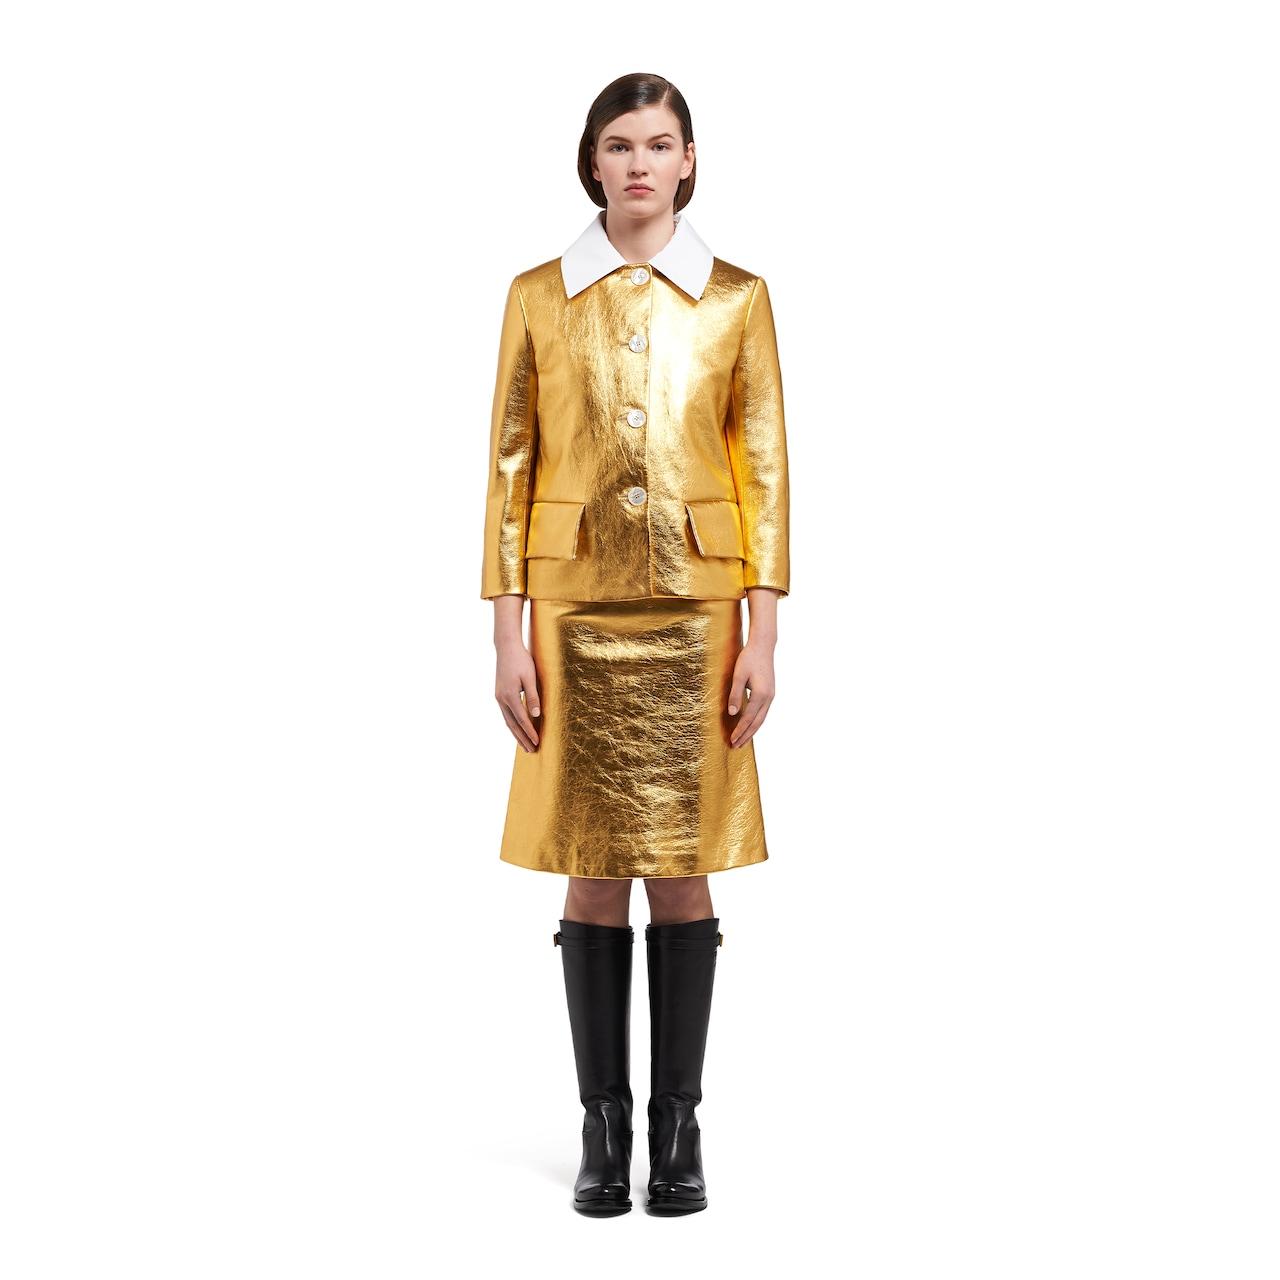 Prada 金属质感软羊革外套 2